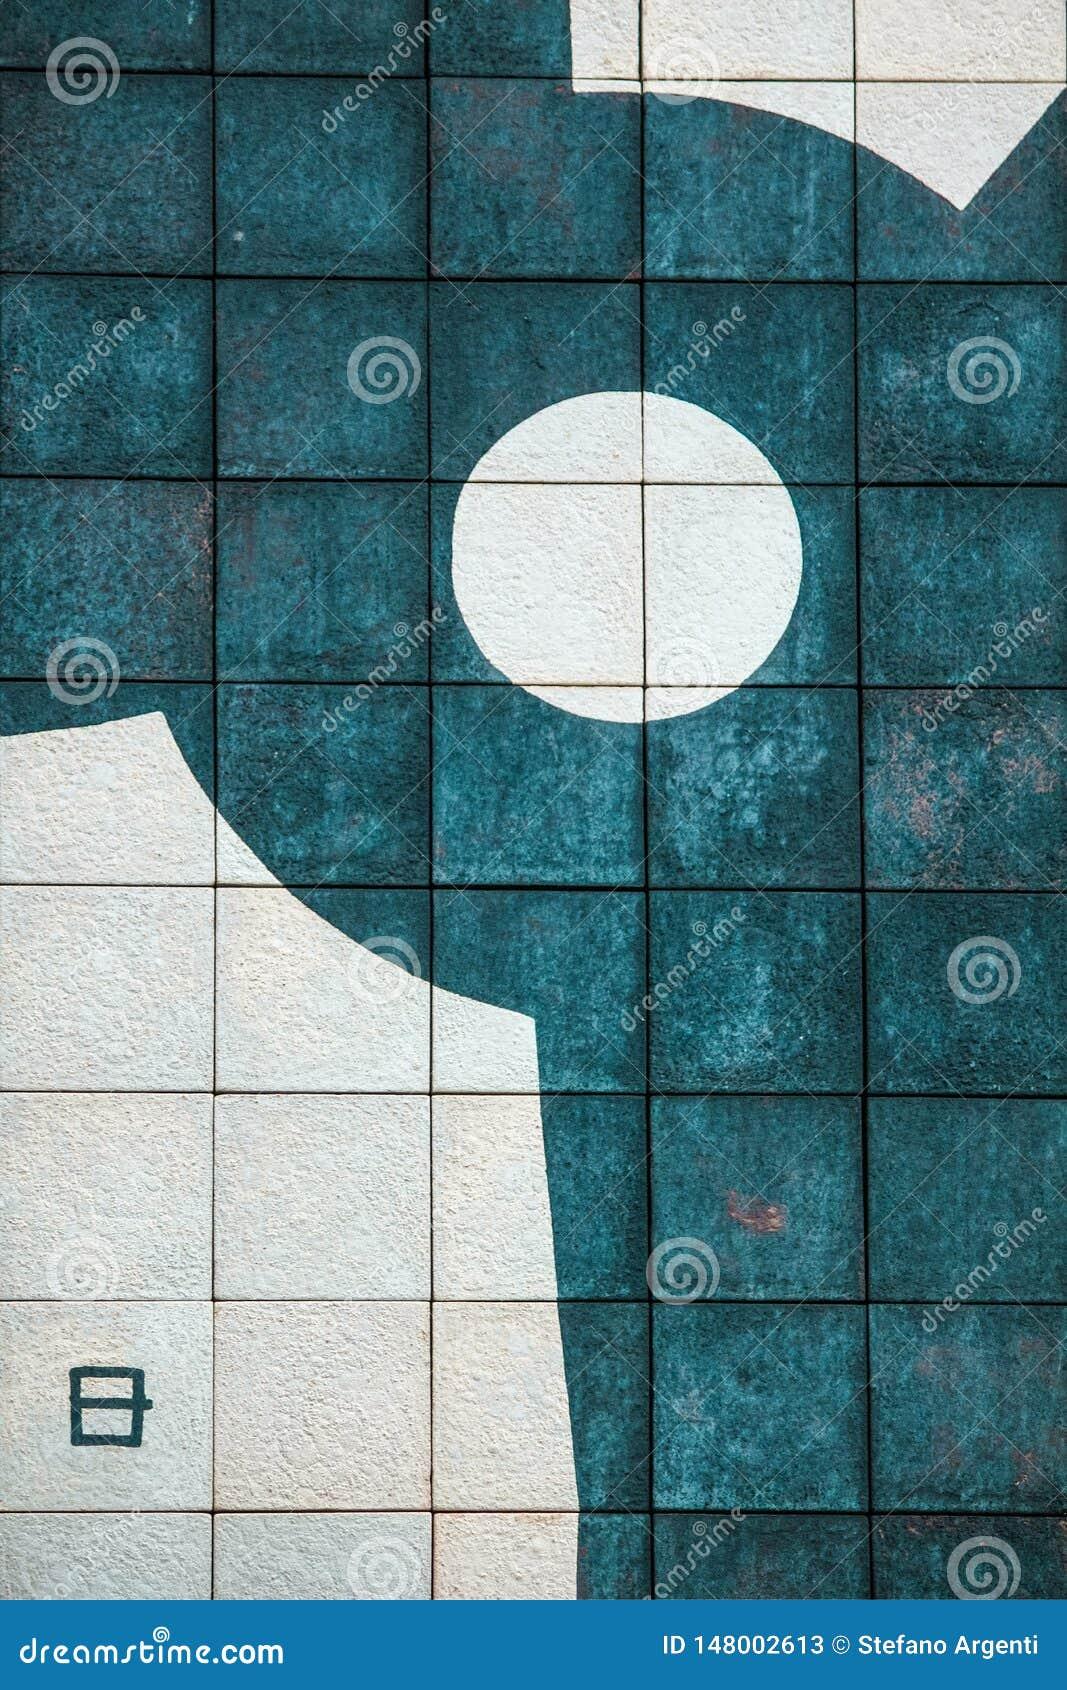 El detalle de un mural geométrico